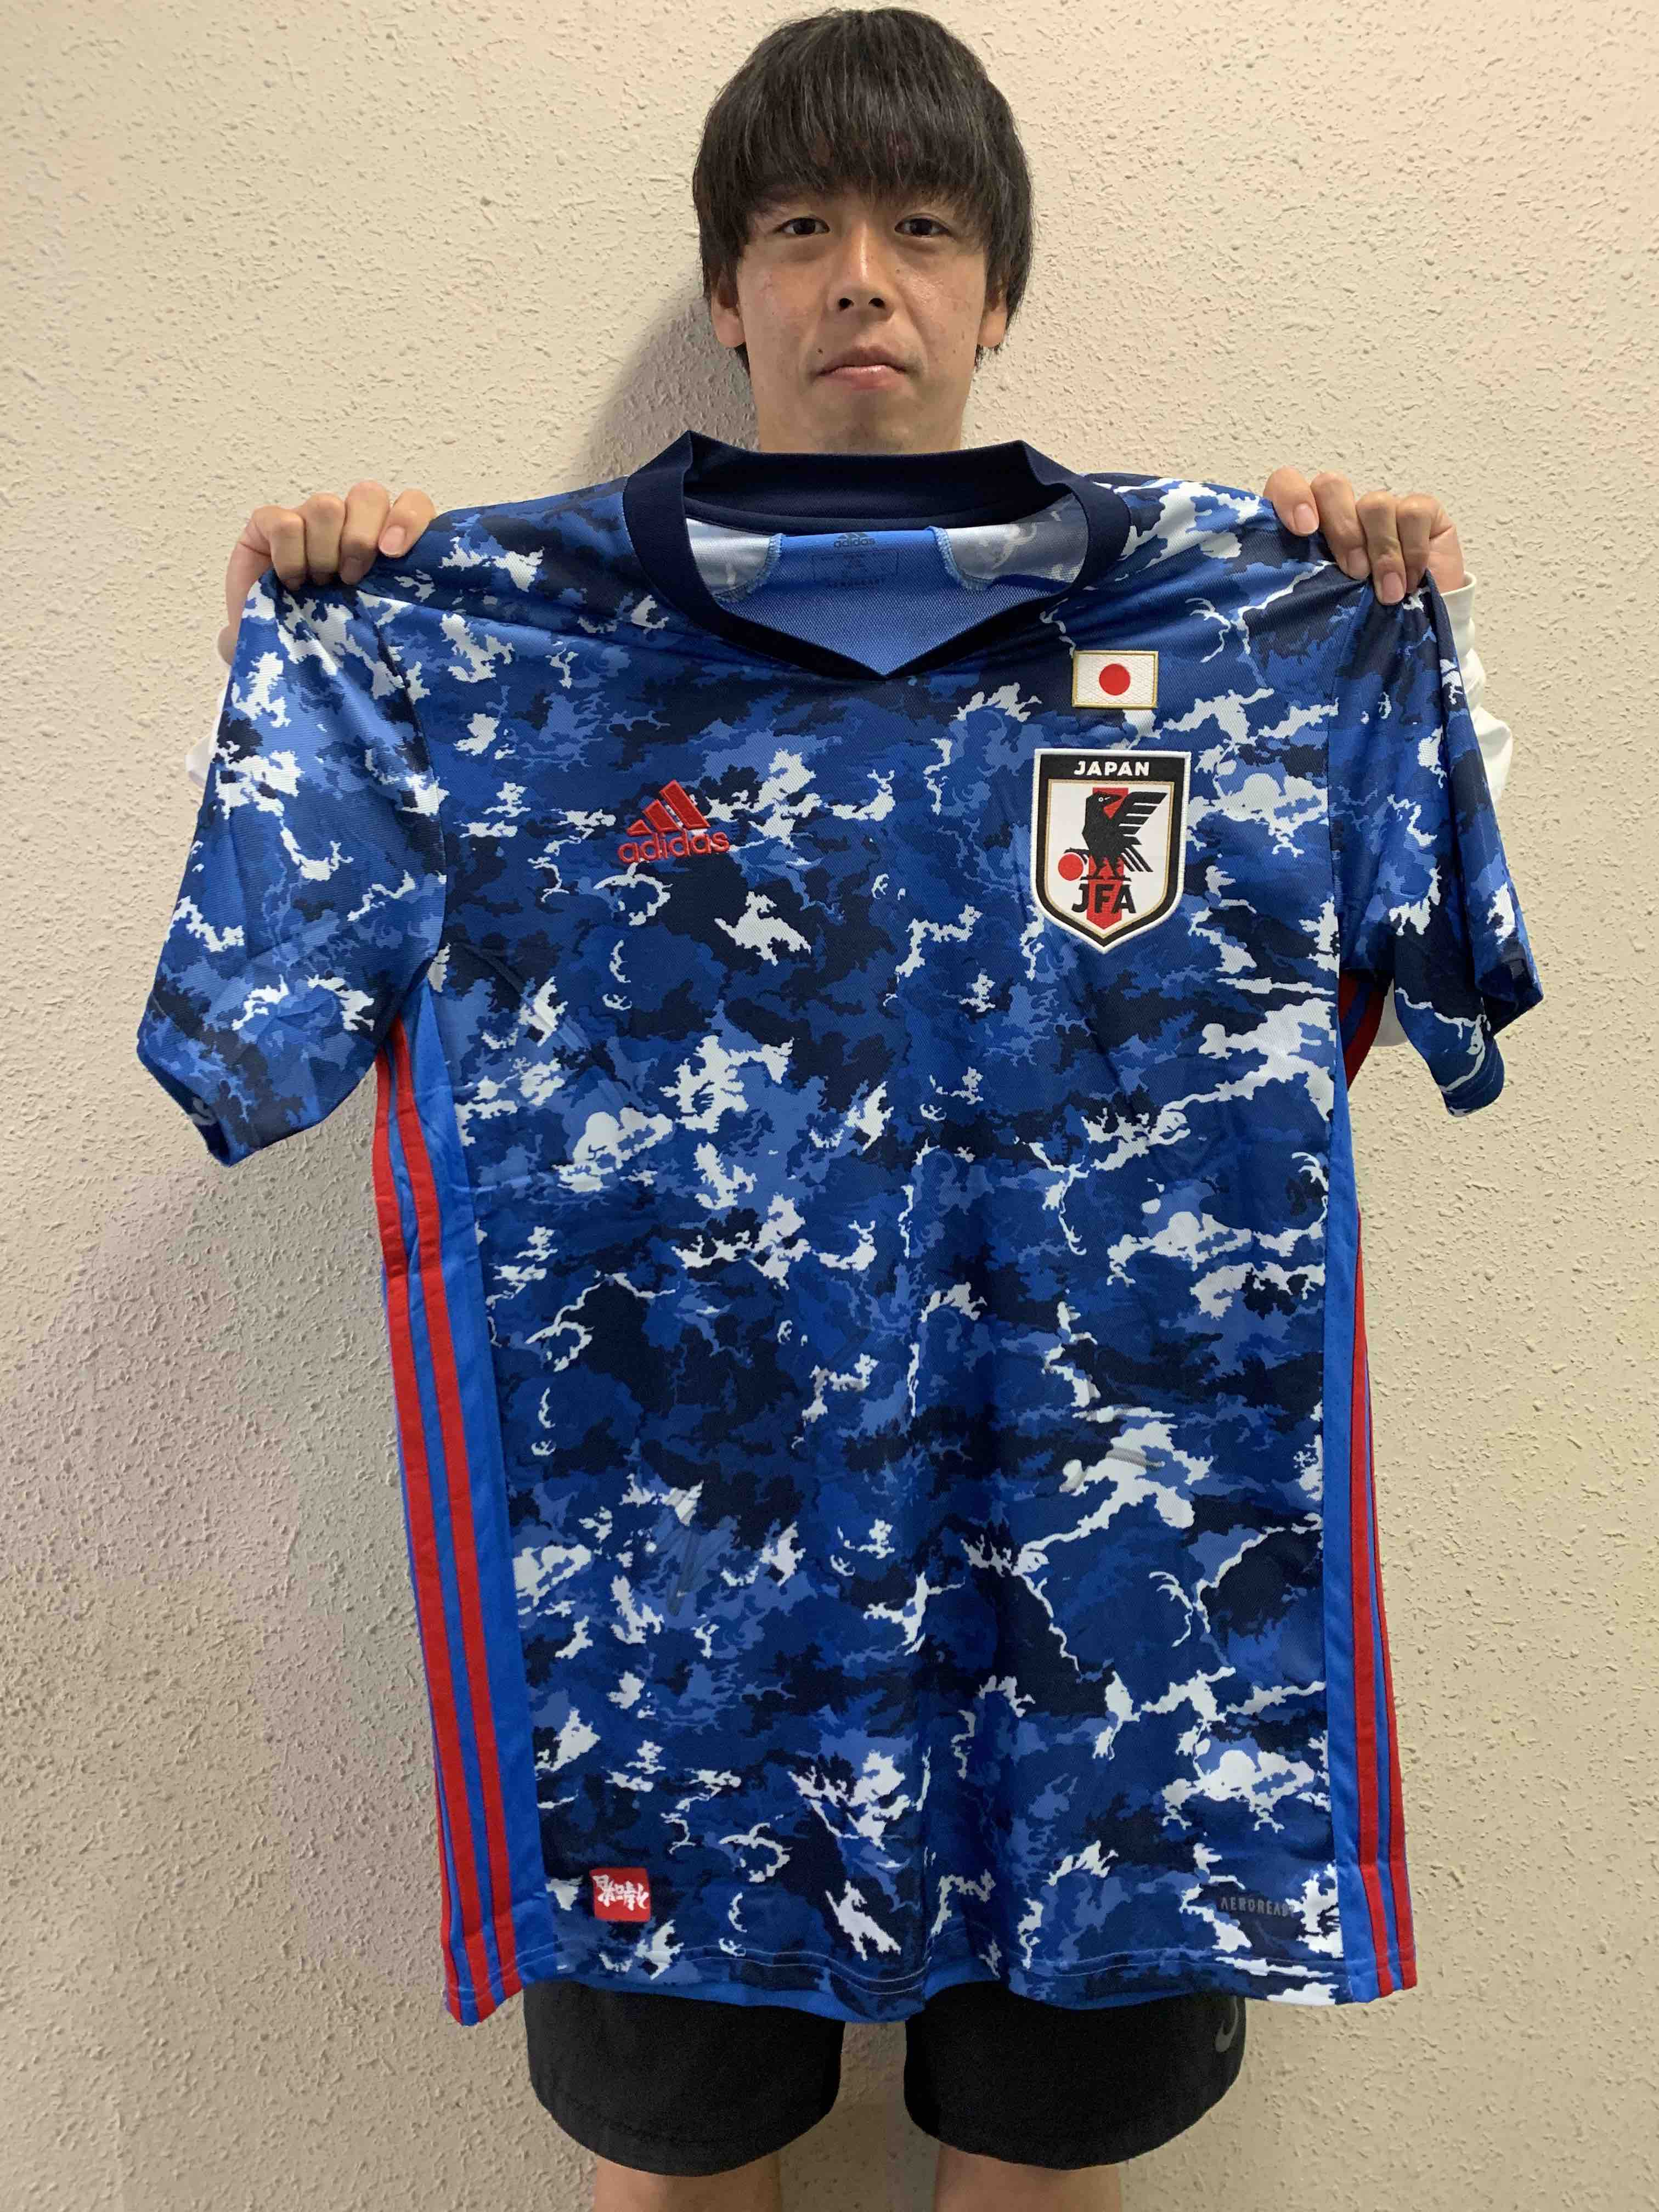 【直筆サイン入り公式】U-23日本代表 紺野 和也 選手(FC東京)